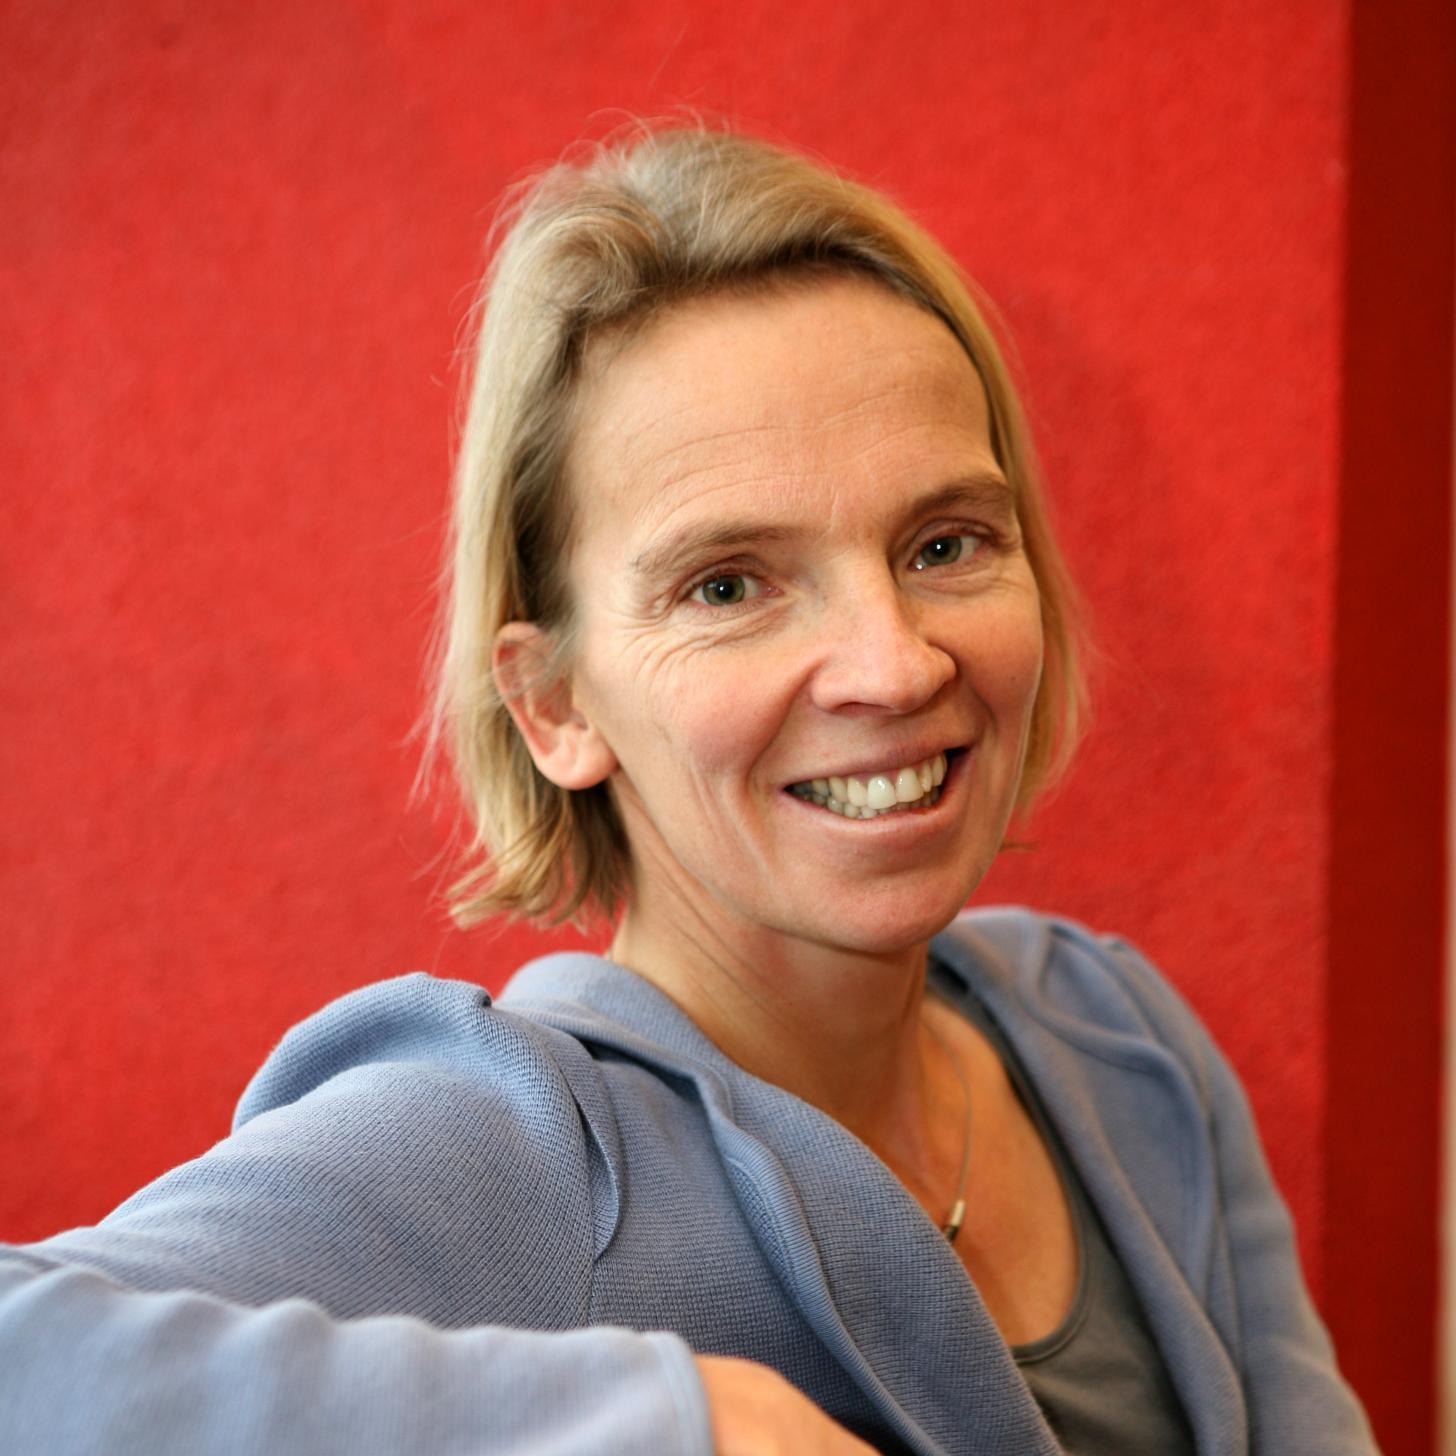 Marijke Hempenius